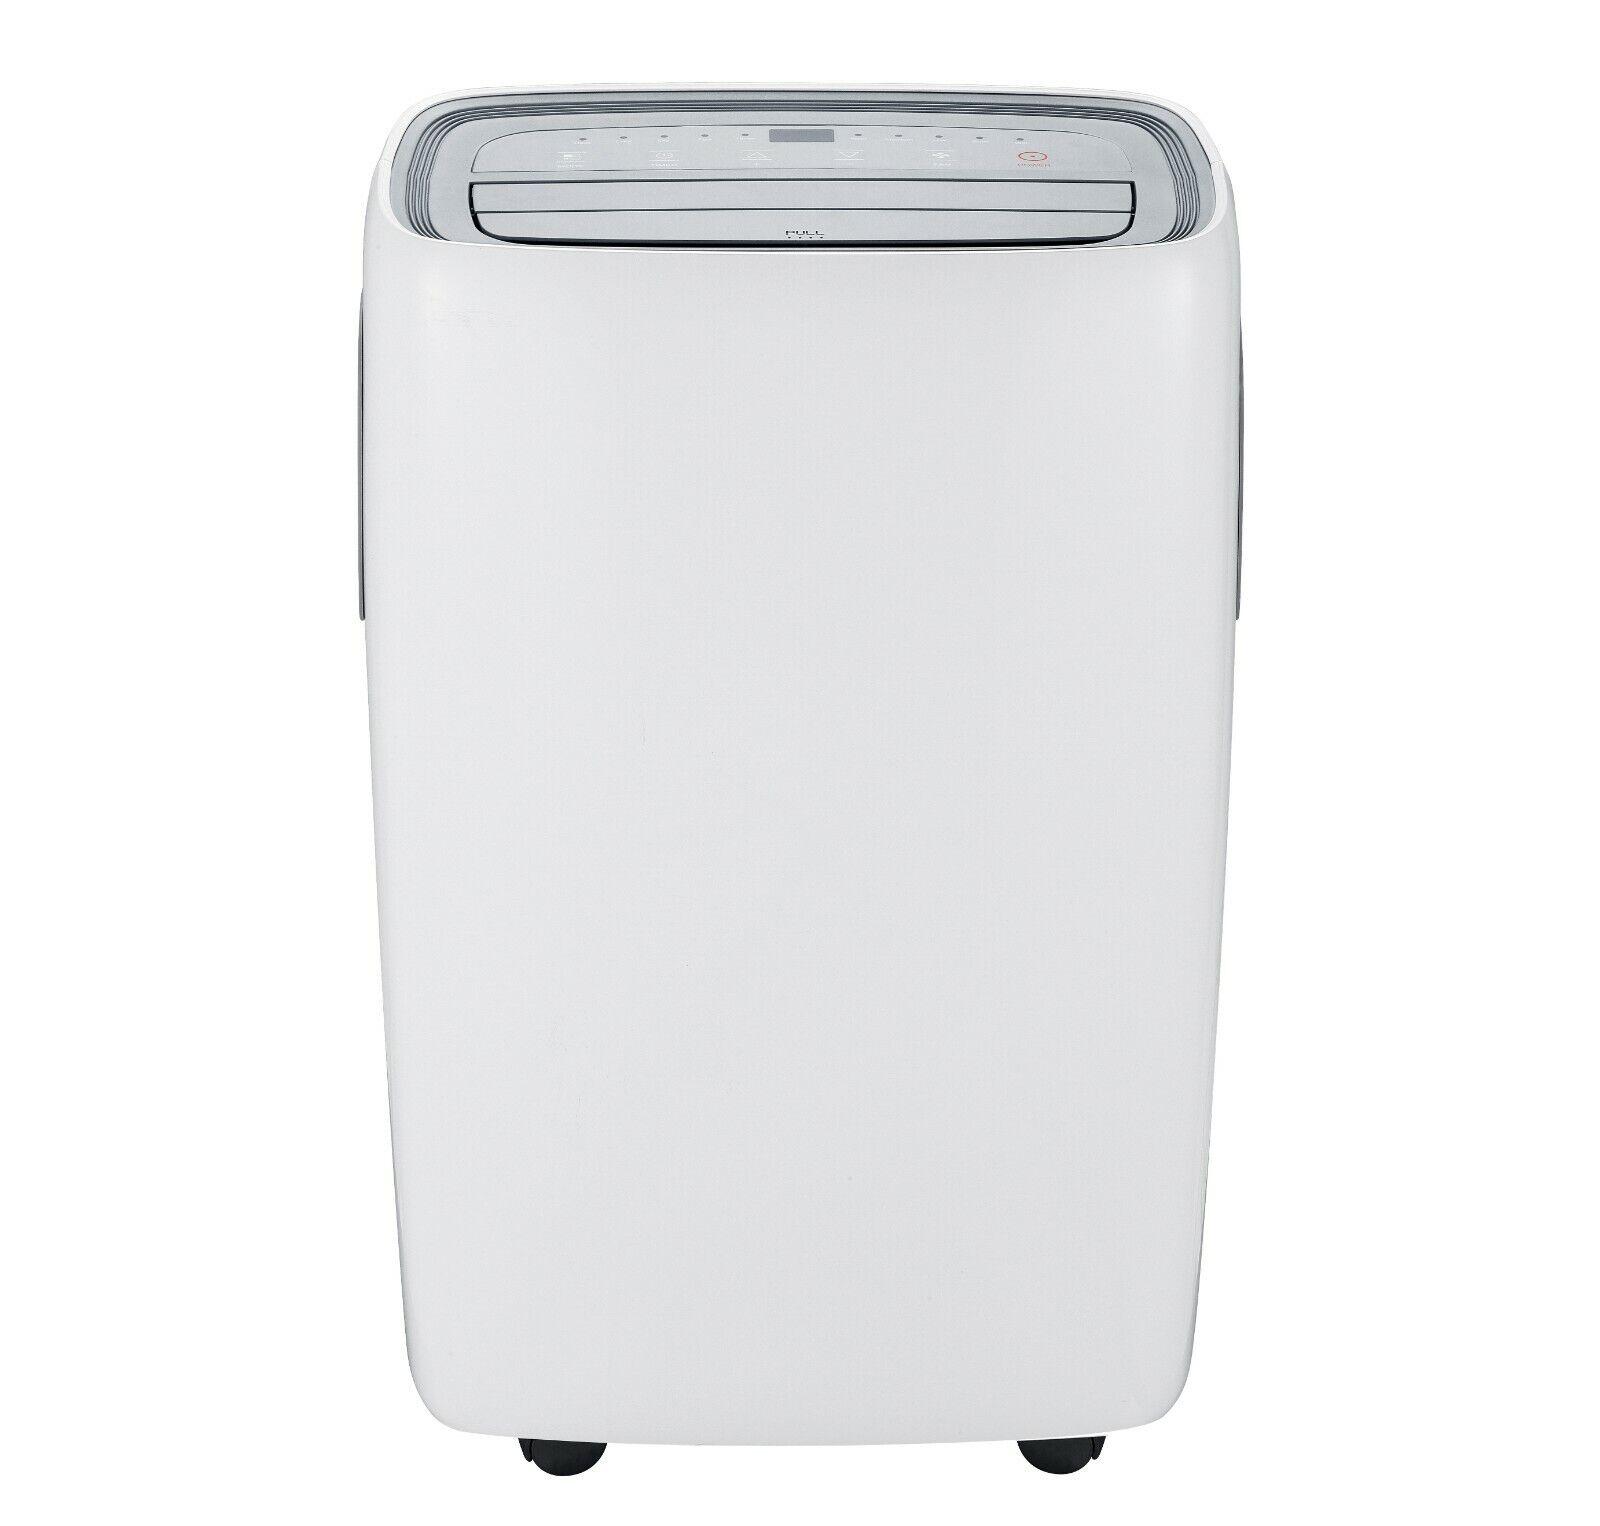 Soleus Air 12000 BTU Portable Air Conditioner with Heat Pump